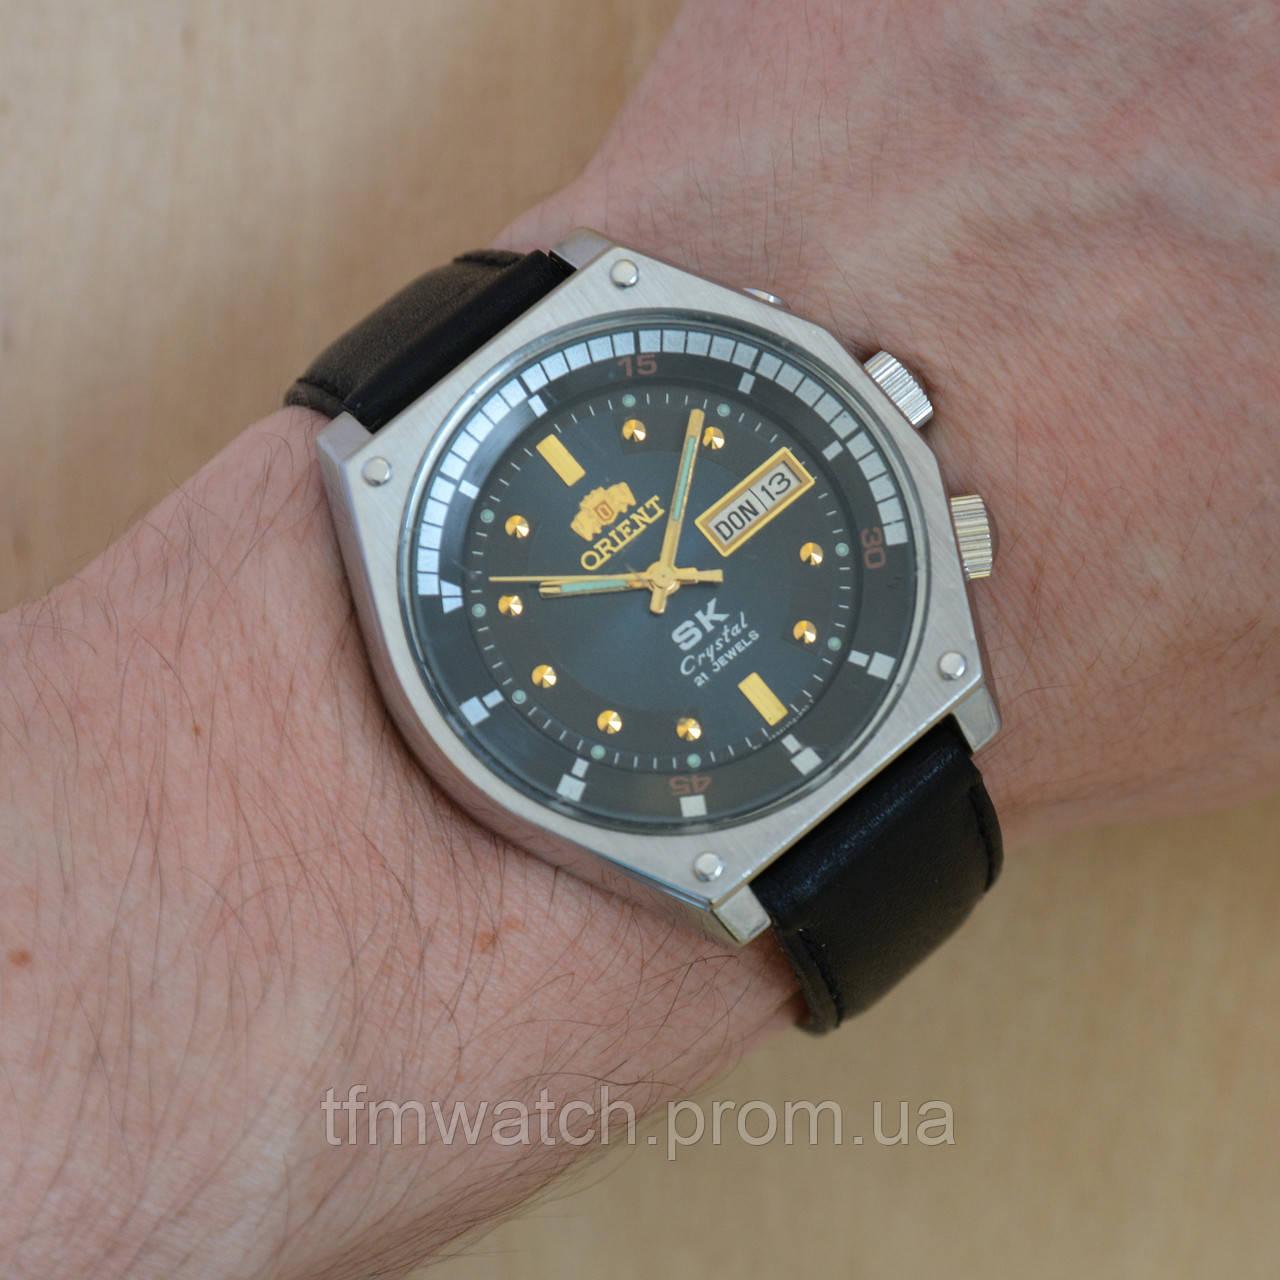 Купить часы механические orient купить красивые часы недорого